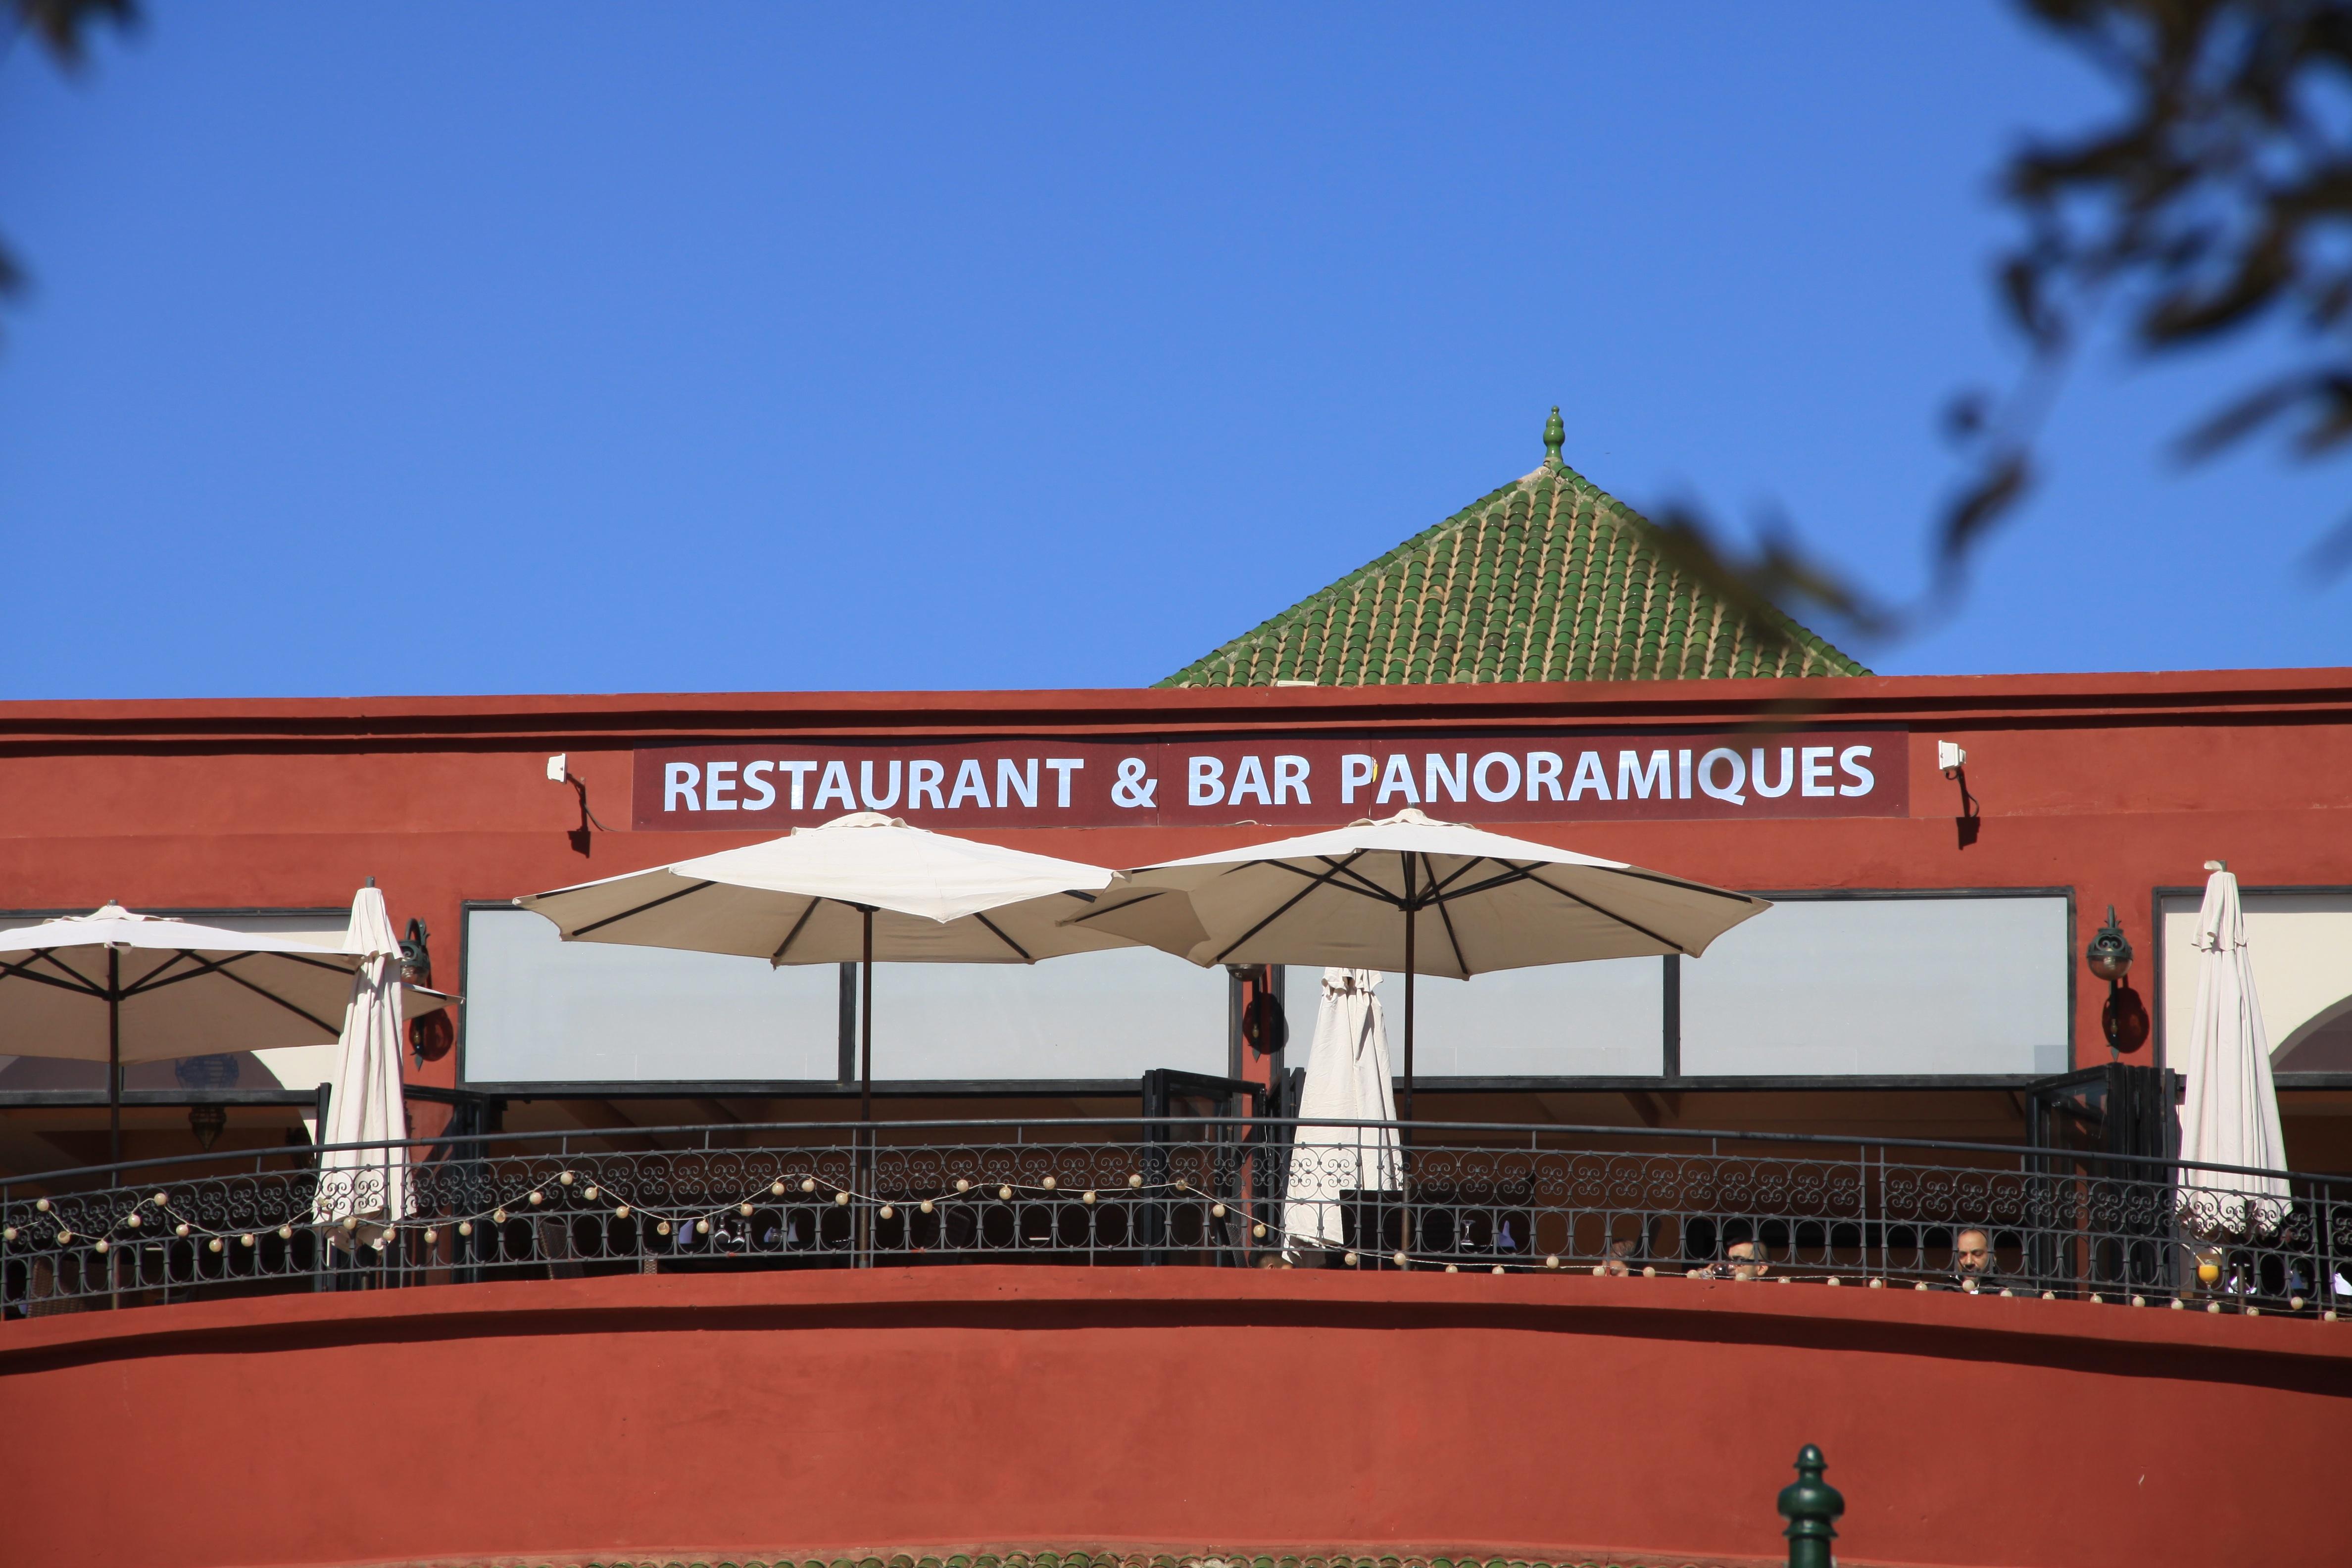 Fotos Gratis Centro De La Ciudad Bar Panorámico